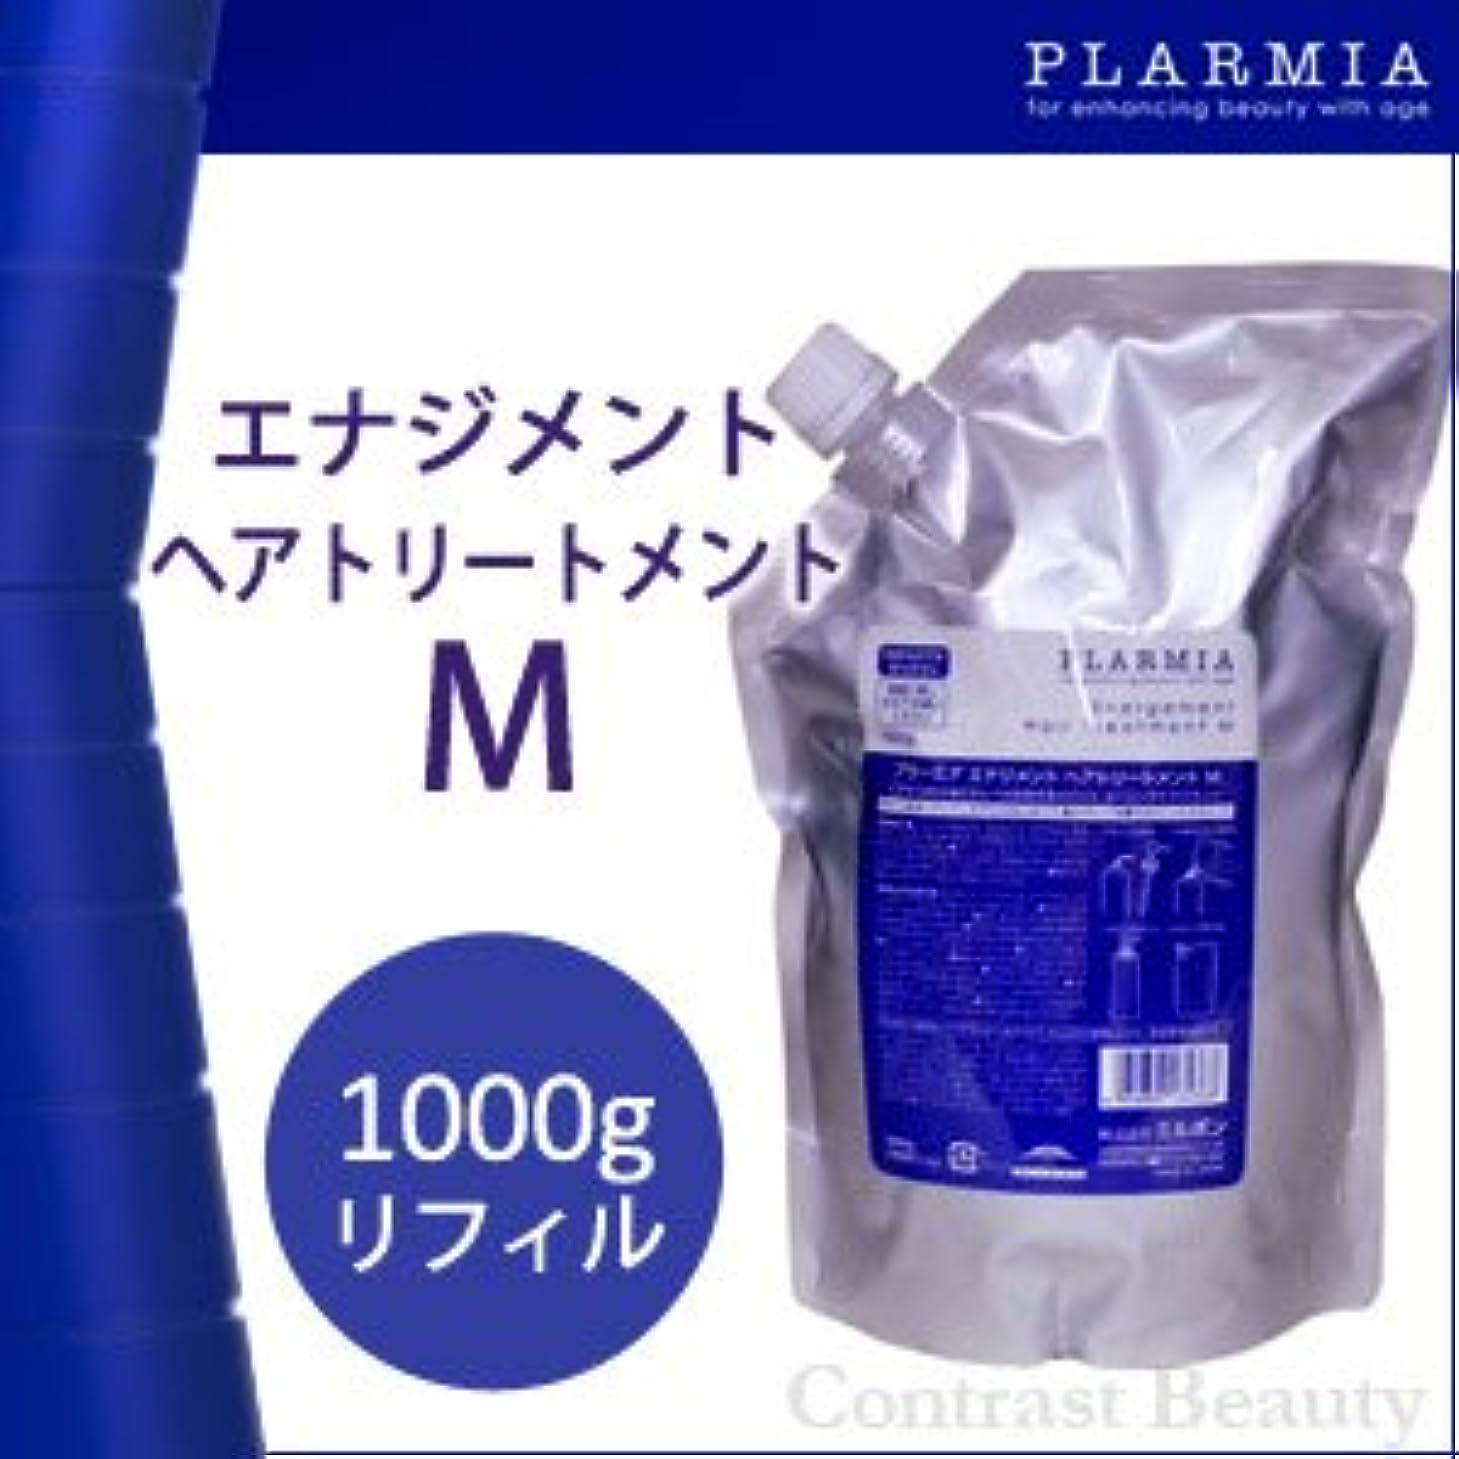 掃除タイル農業の【X2個セット】 ミルボン プラーミア エナジメントヘアトリートメントM 1kgパック 詰替用 【普通~硬毛用】 Milbon PLARMIA